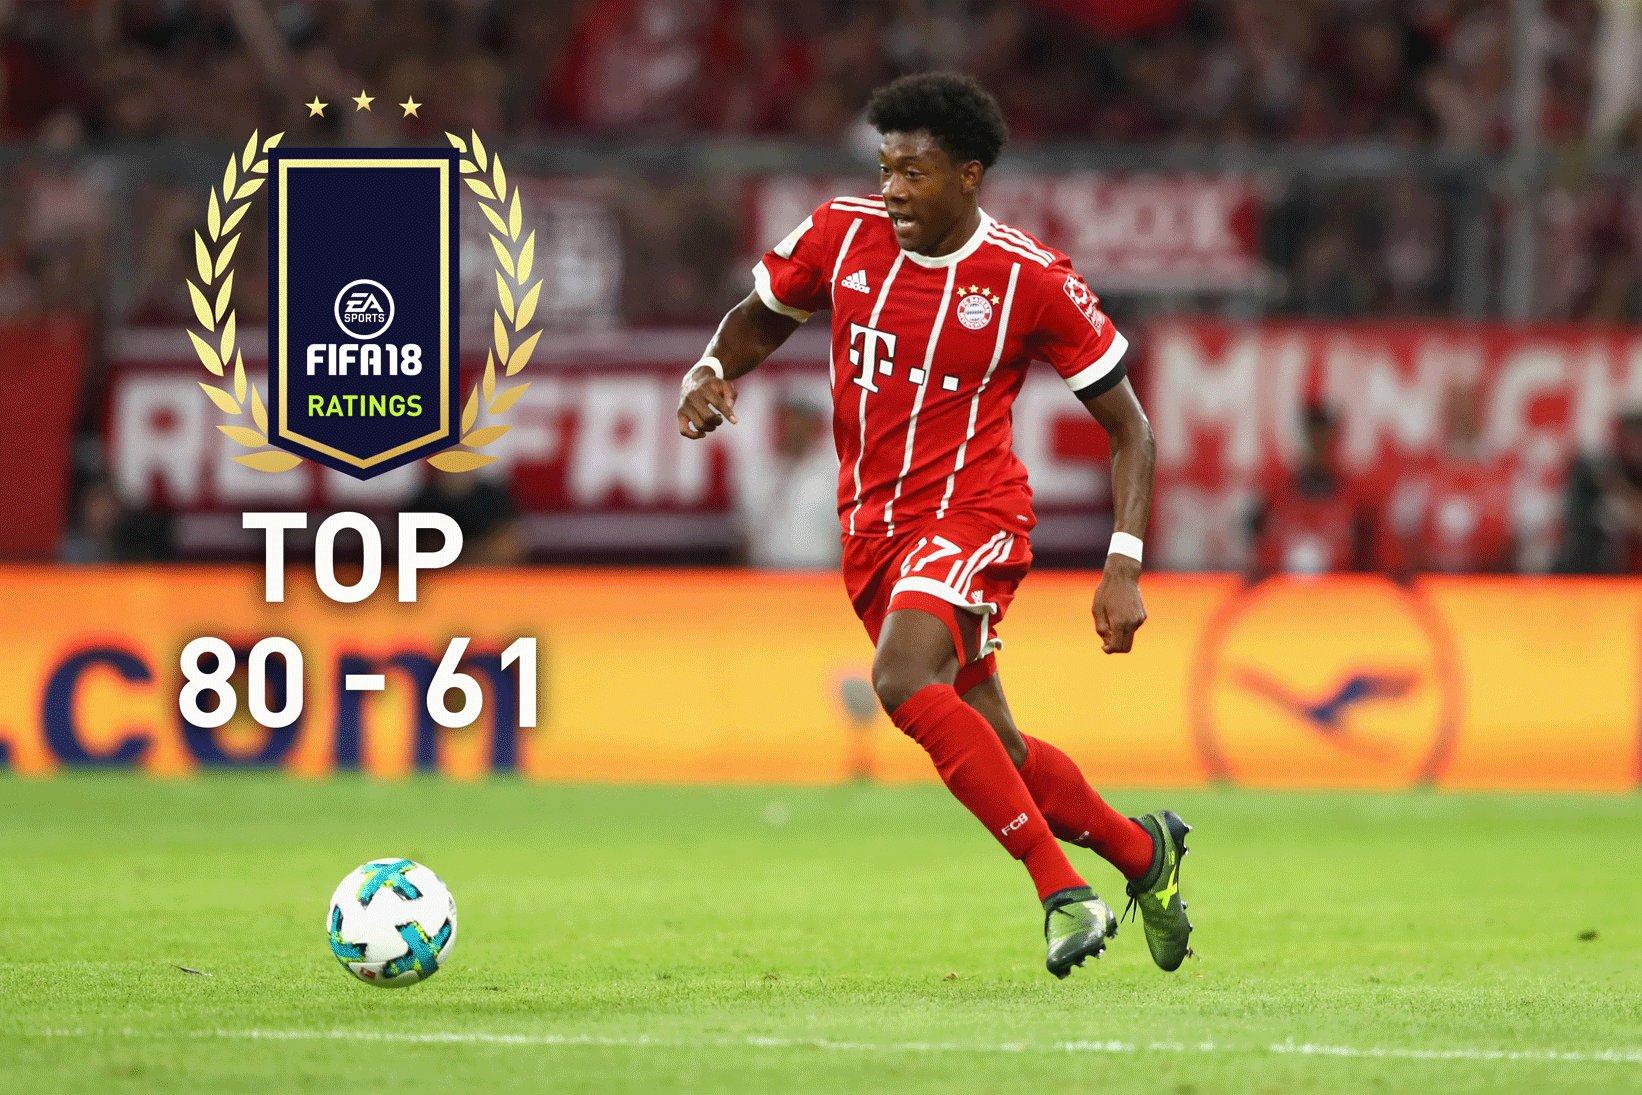 FIFA 18: Die Top 80-61 der Spielerwerte – 5-Sterne-Skiller sind dabei